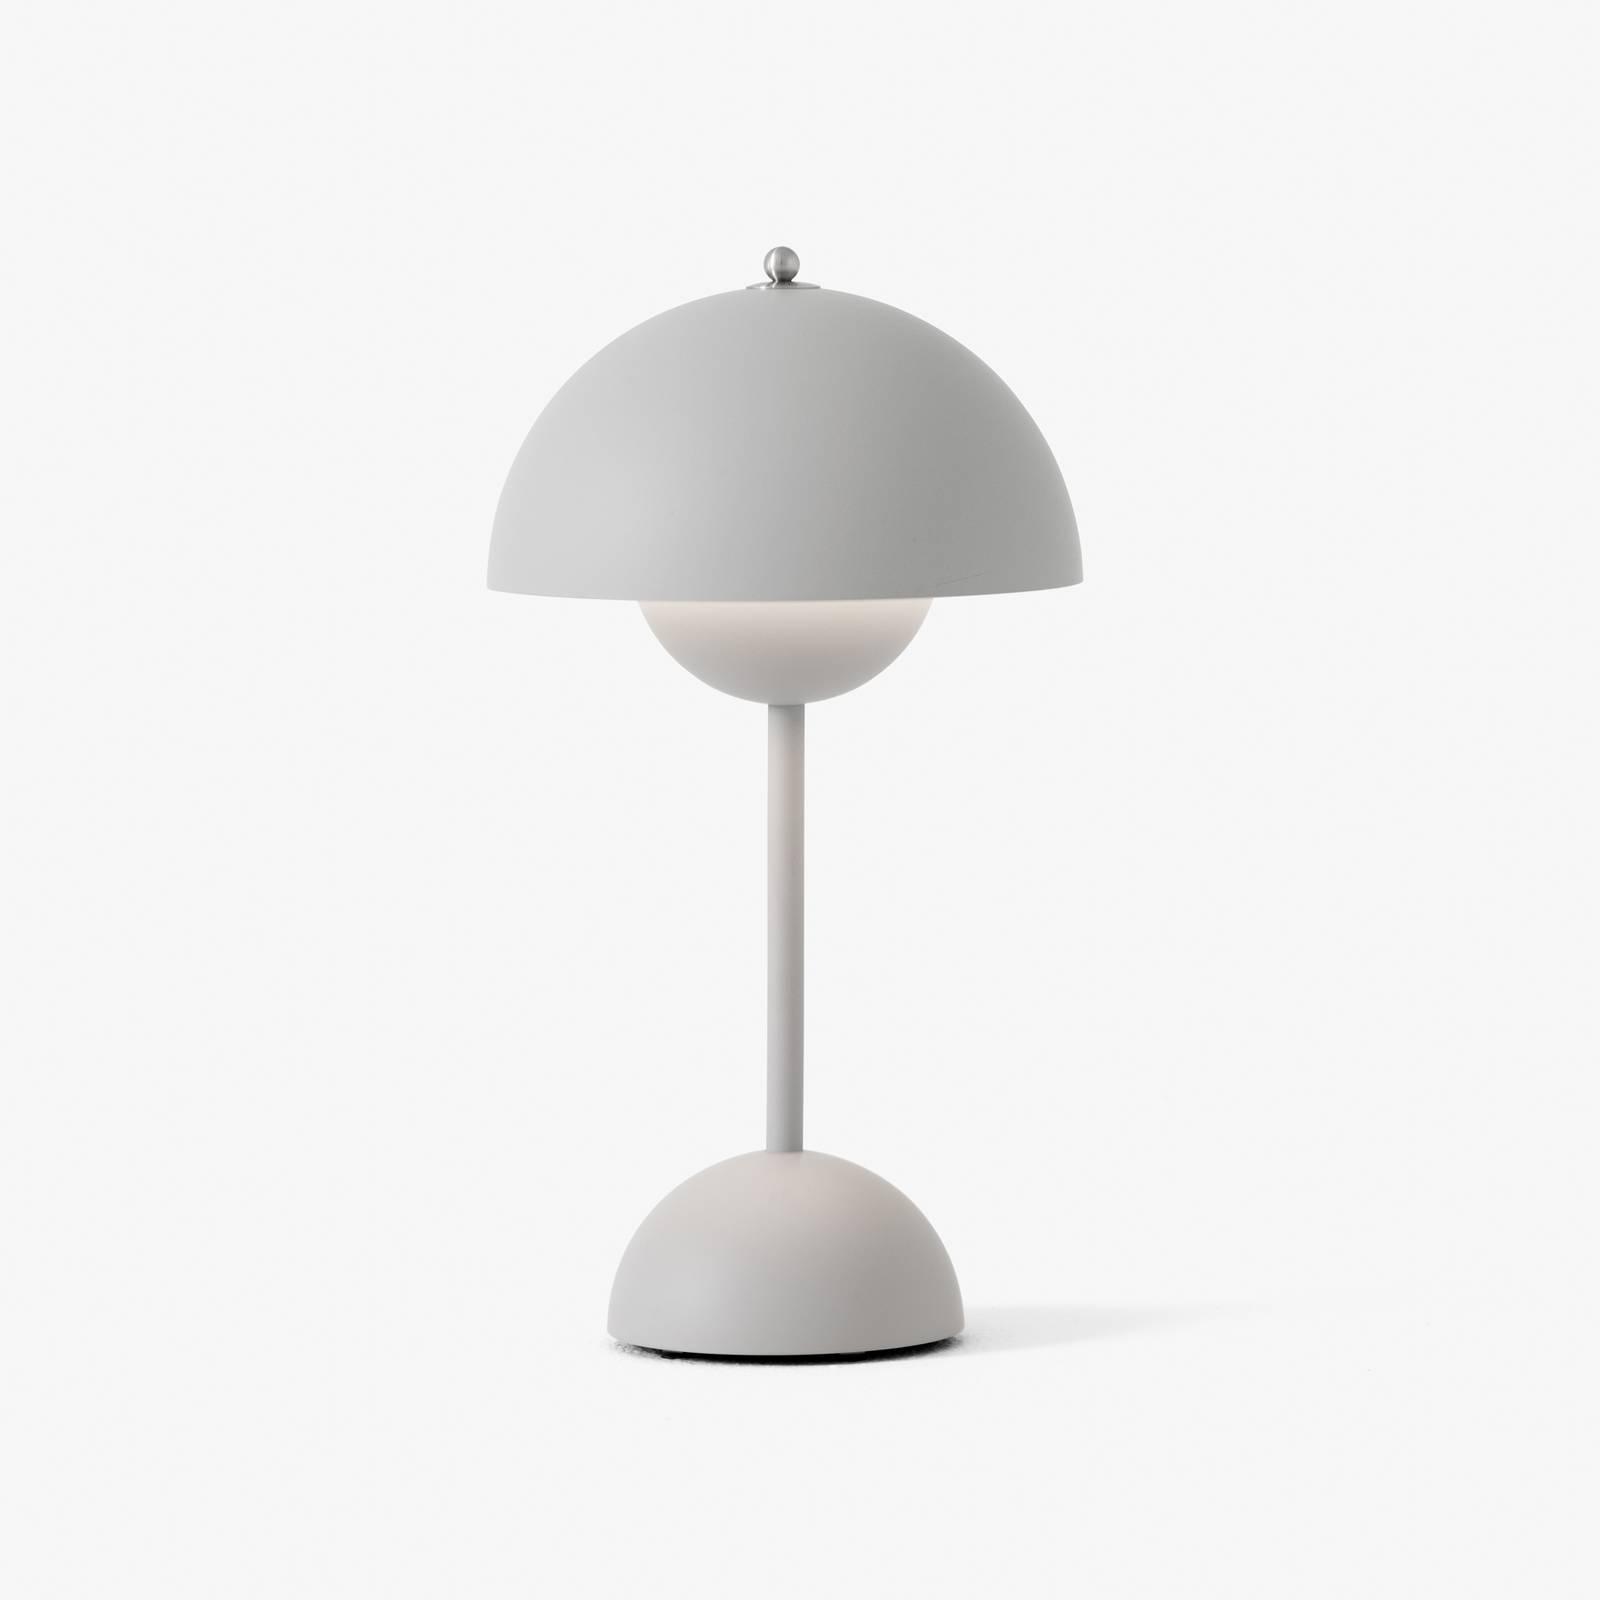 &Tradition Flowerpot VP9 Tischlampe hellgrau matt günstig online kaufen